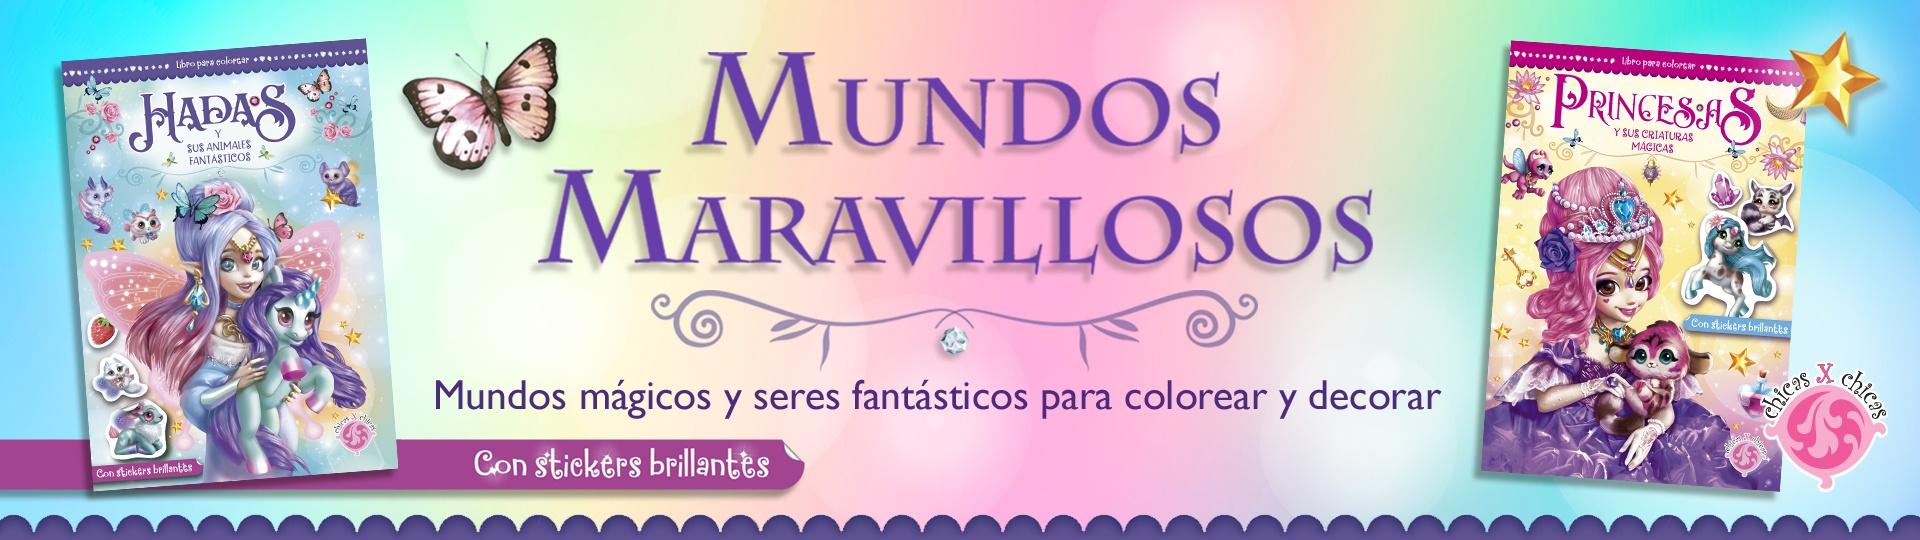 MUNDOS_MARAVILLOSOS_WEB_1920x540